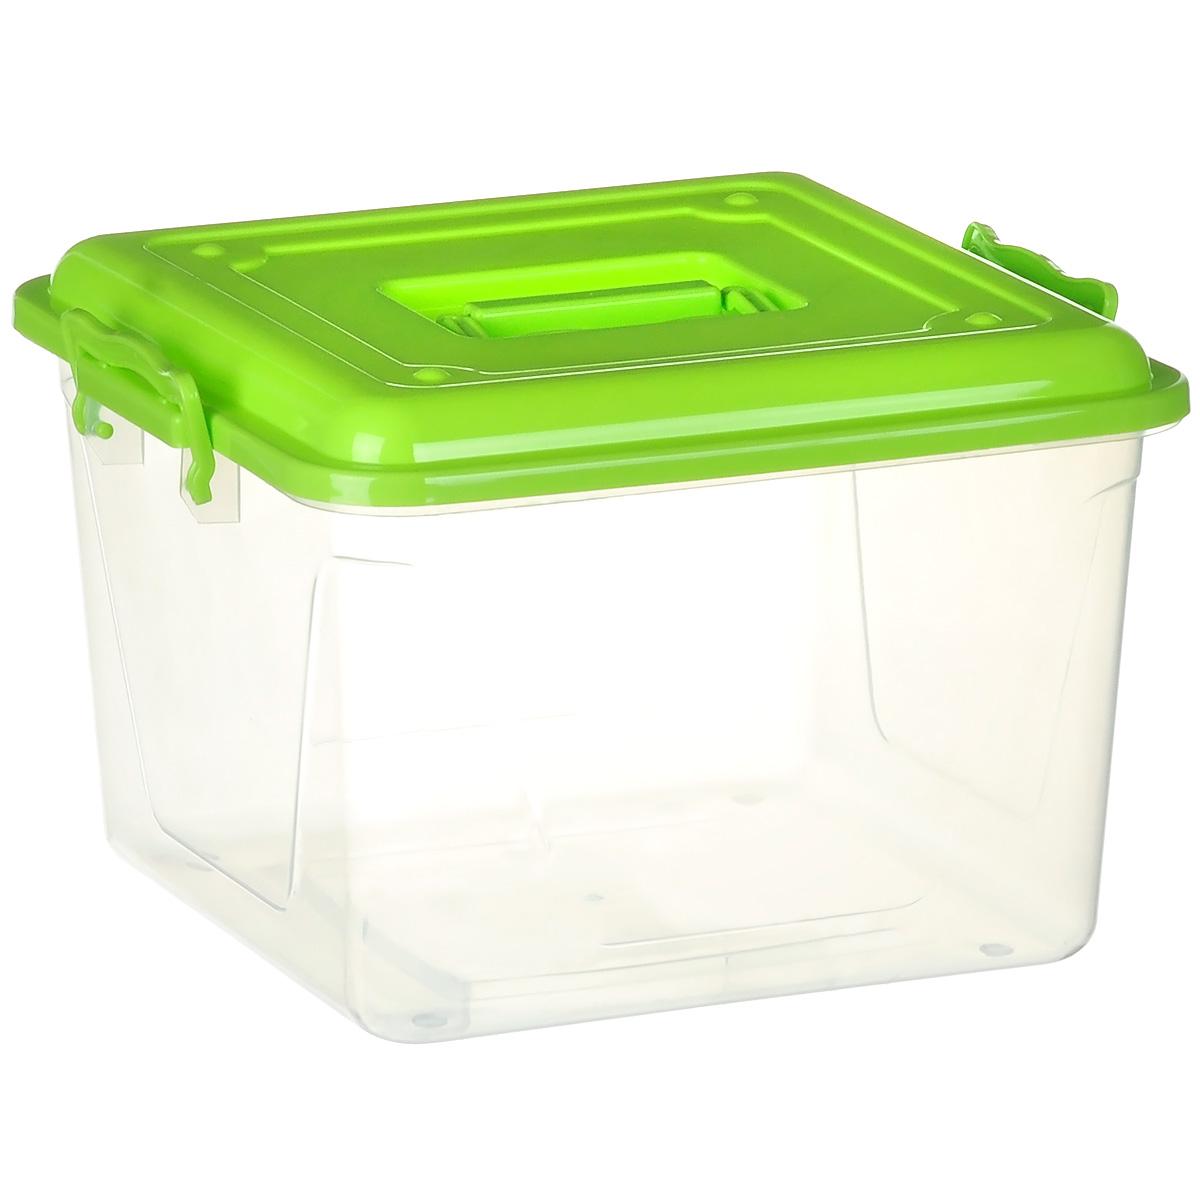 Контейнер Альтернатива, цвет: салатовый, прозрачный, 15 лМ1023Контейнер Альтернатива выполнен из прочного цветного пластика ипредназначен для хранения различных бытовых вещей и продуктов.Контейнер оснащен по бокам ручками, которые плотно закрывают крышку контейнера. Также на крышке имеется ручка для удобной переноски. Контейнер поможет хранить все в одном месте и защитить вещи от пыли, грязи и влаги.